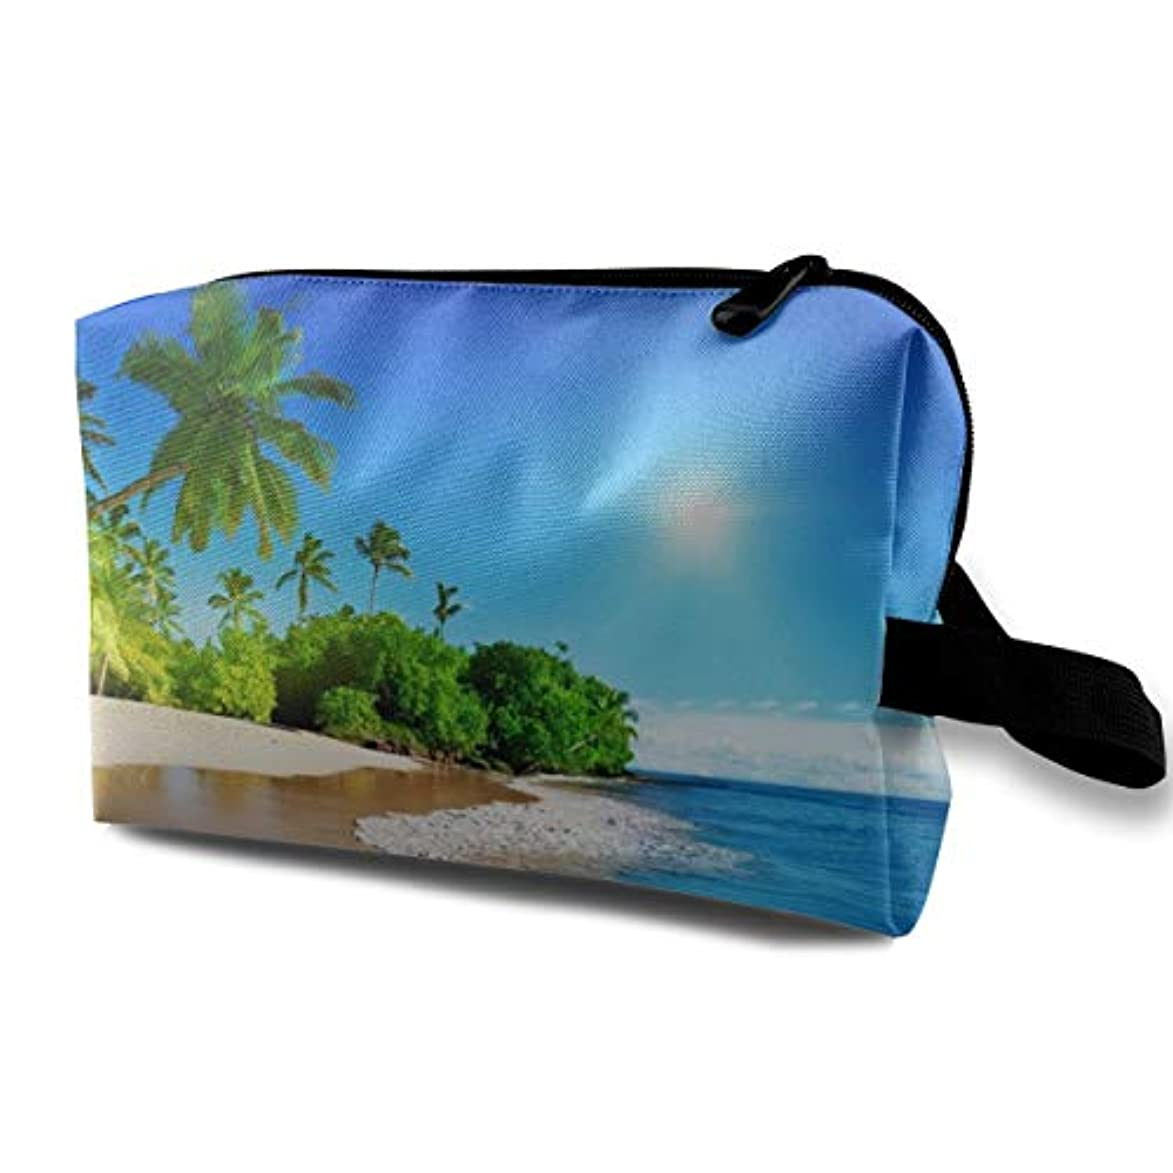 喜劇一般化するラジカルBeach Palms Trees Blue Ocean Landscape.jpeg 収納ポーチ 化粧ポーチ 大容量 軽量 耐久性 ハンドル付持ち運び便利。入れ 自宅?出張?旅行?アウトドア撮影などに対応。メンズ レディース トラベルグッズ